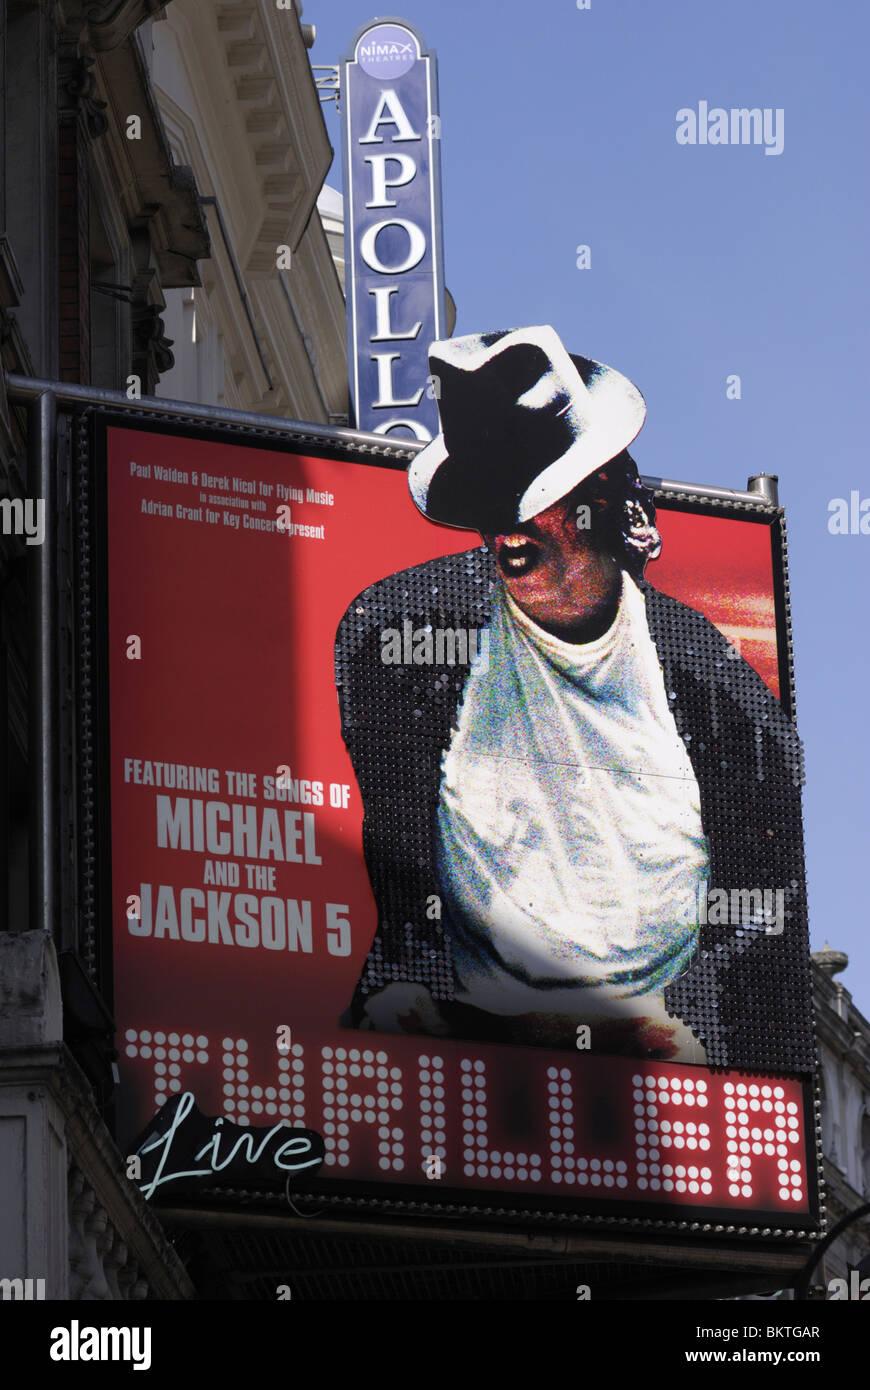 Thriller-Live signo Musical en el Teatro Lírico, Shaftesbury Avenue, Londres, Inglaterra, Reino Unido. Imagen De Stock